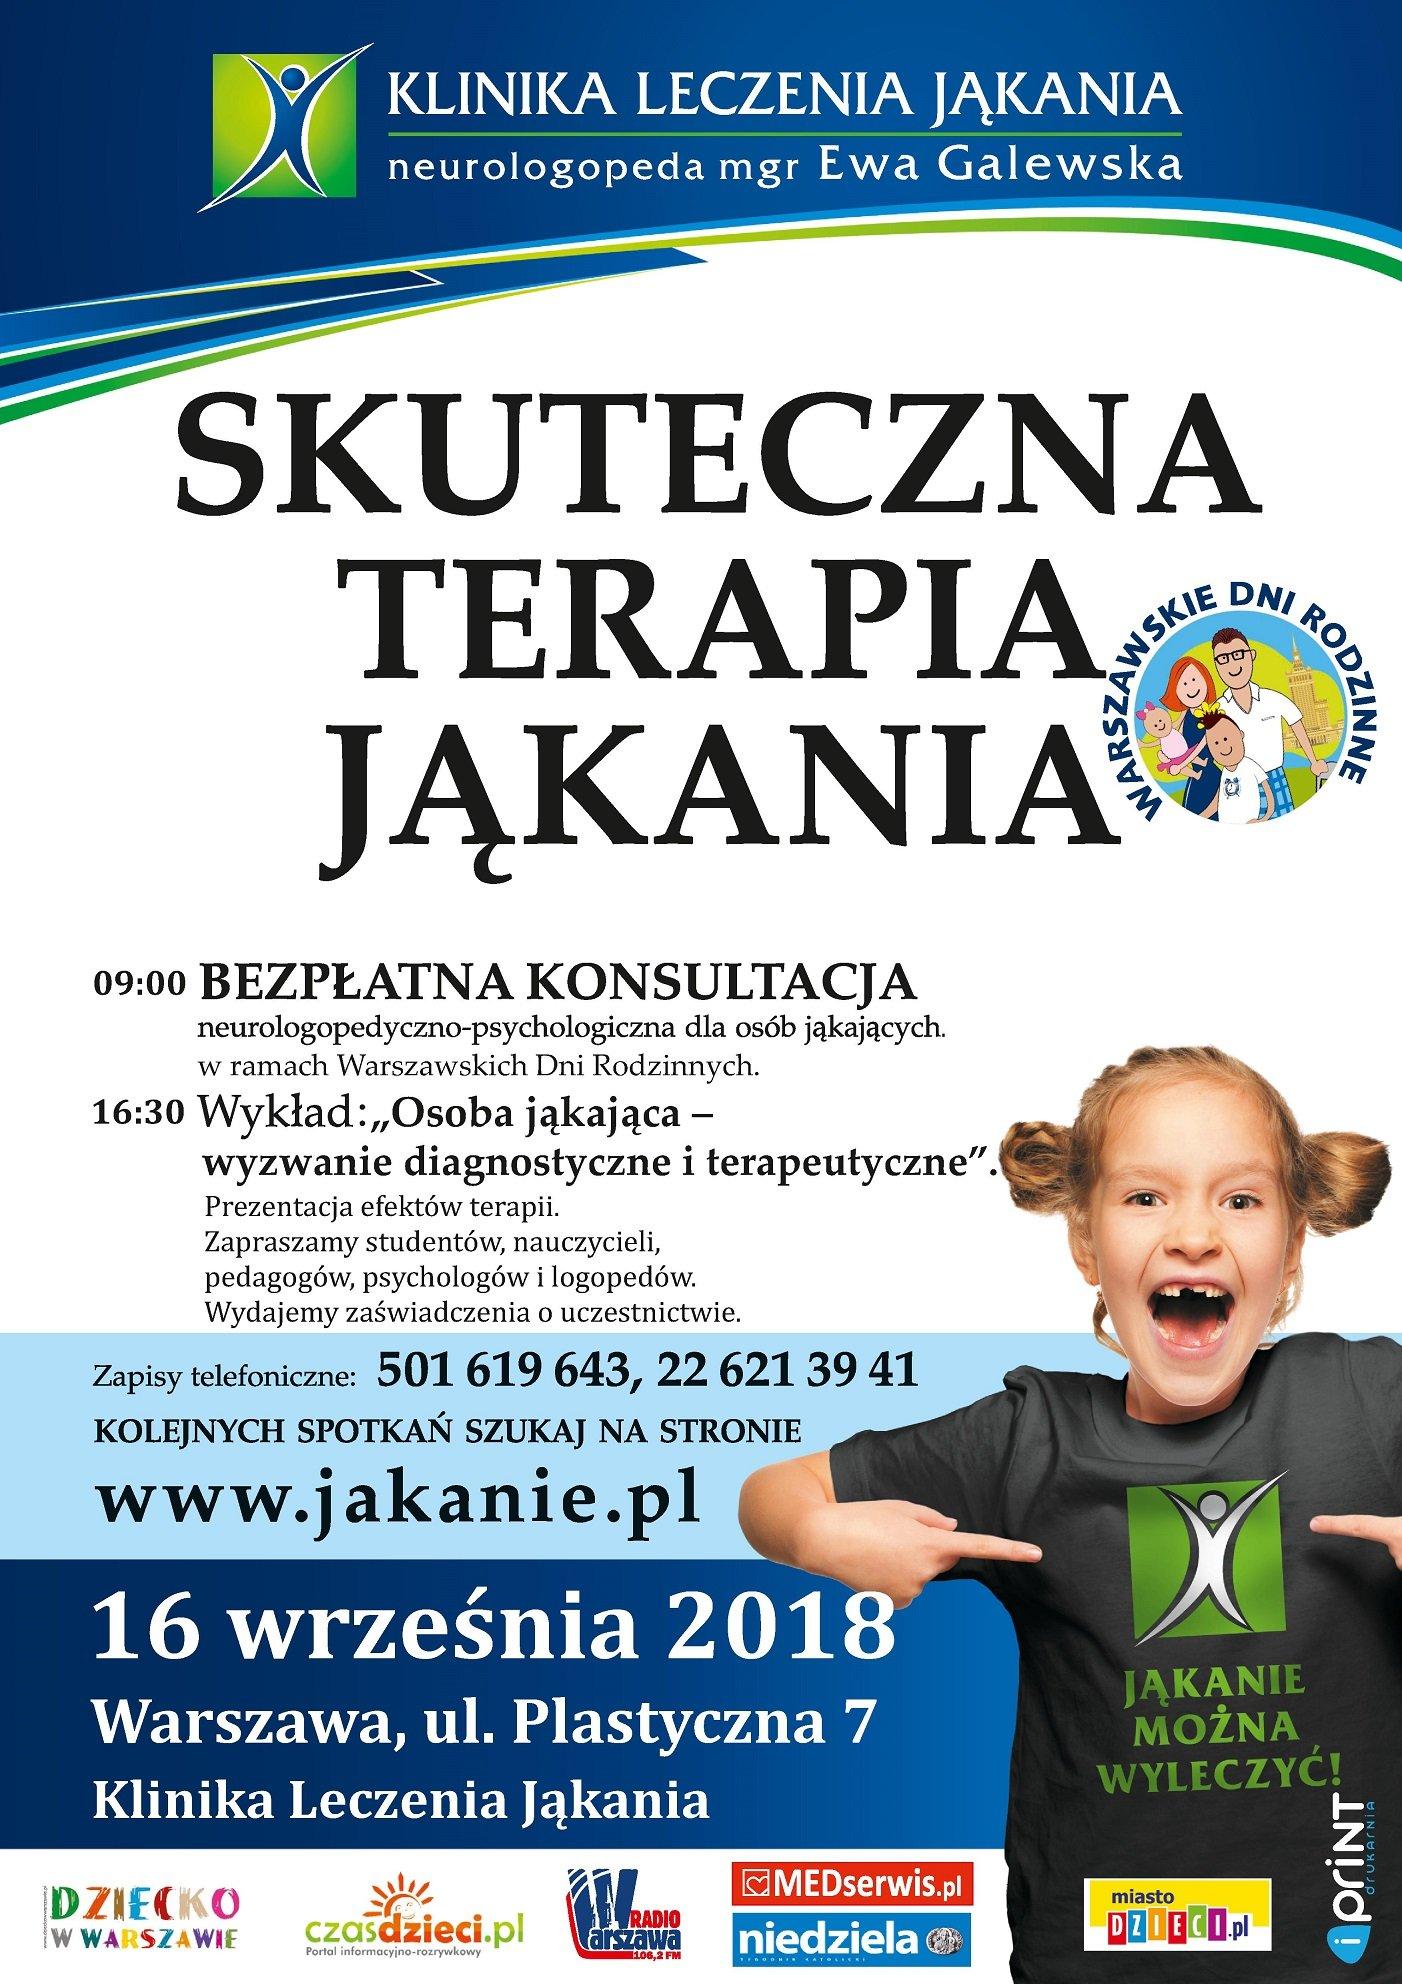 Dni Otwarte w Klinice Leczenia Jąkania w Warszawie